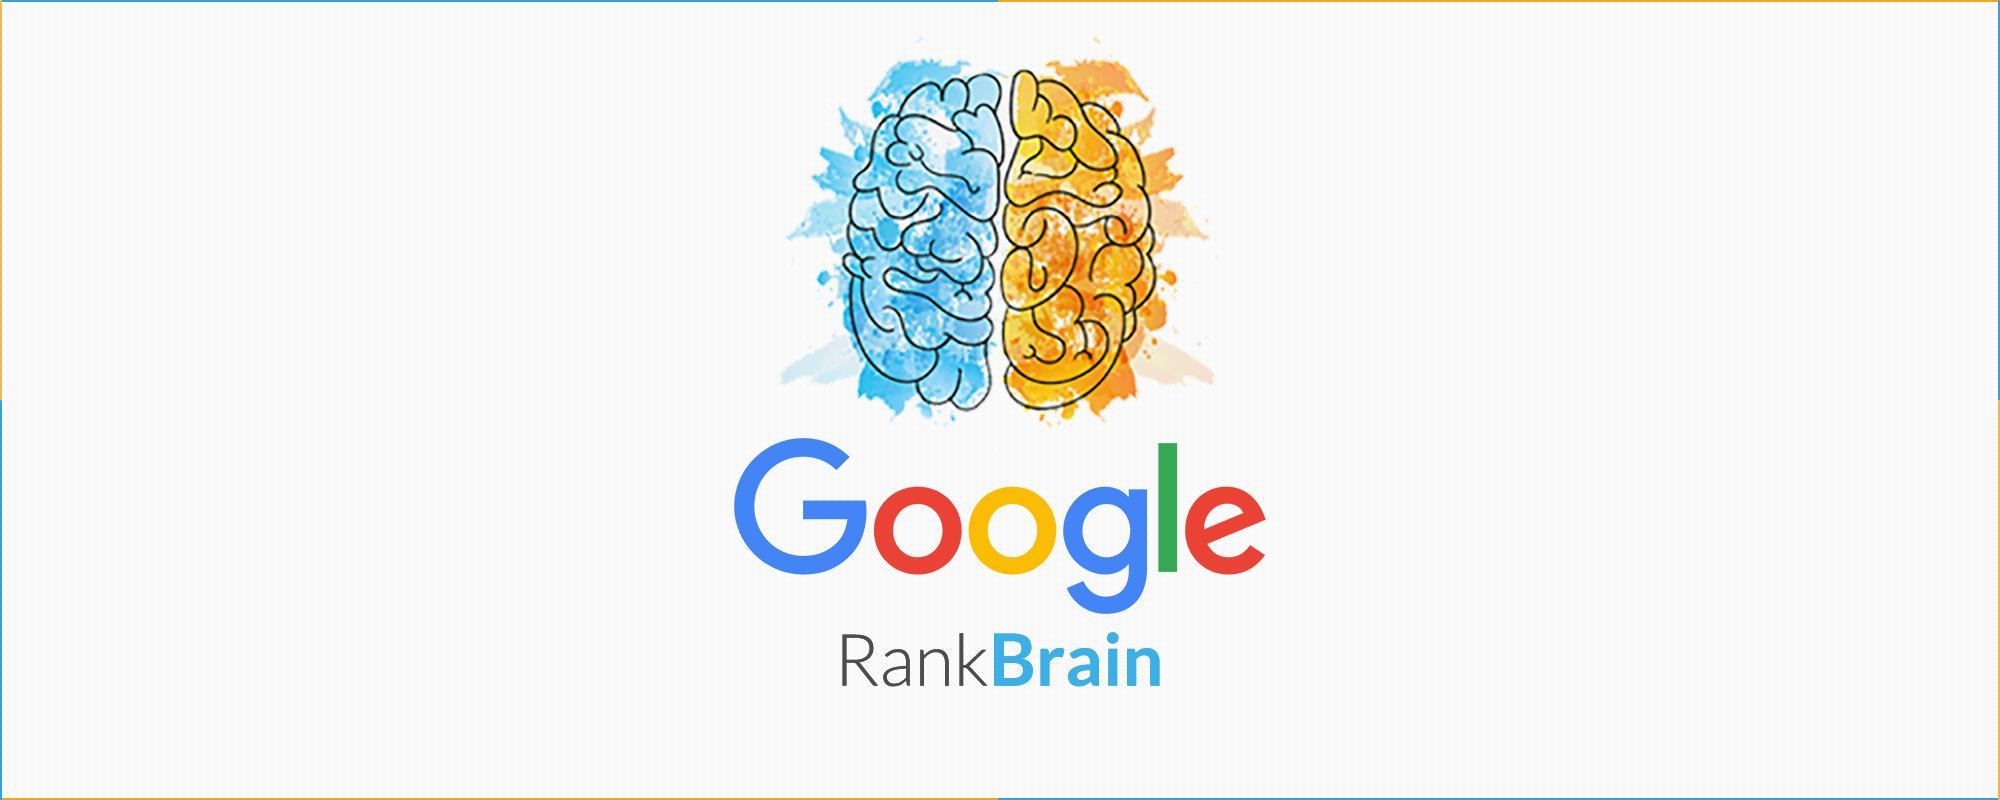 Google RankBrain : quels impacts dans l'optimisation du référencement de votre site ? 2